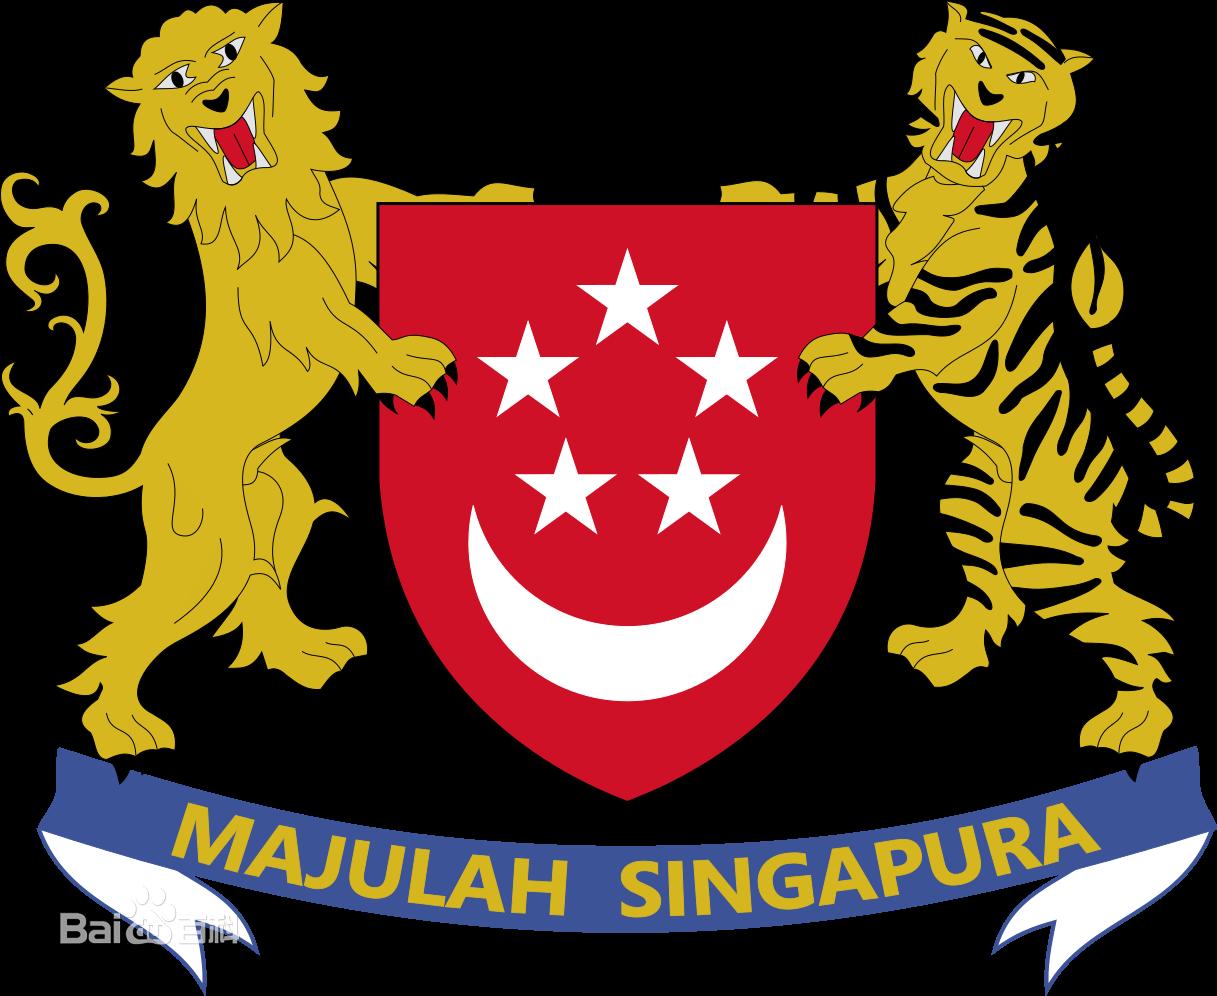 新加坡国徽是以国旗图案为基础设计的,中心是红色盾徽,一轮上弯的图片